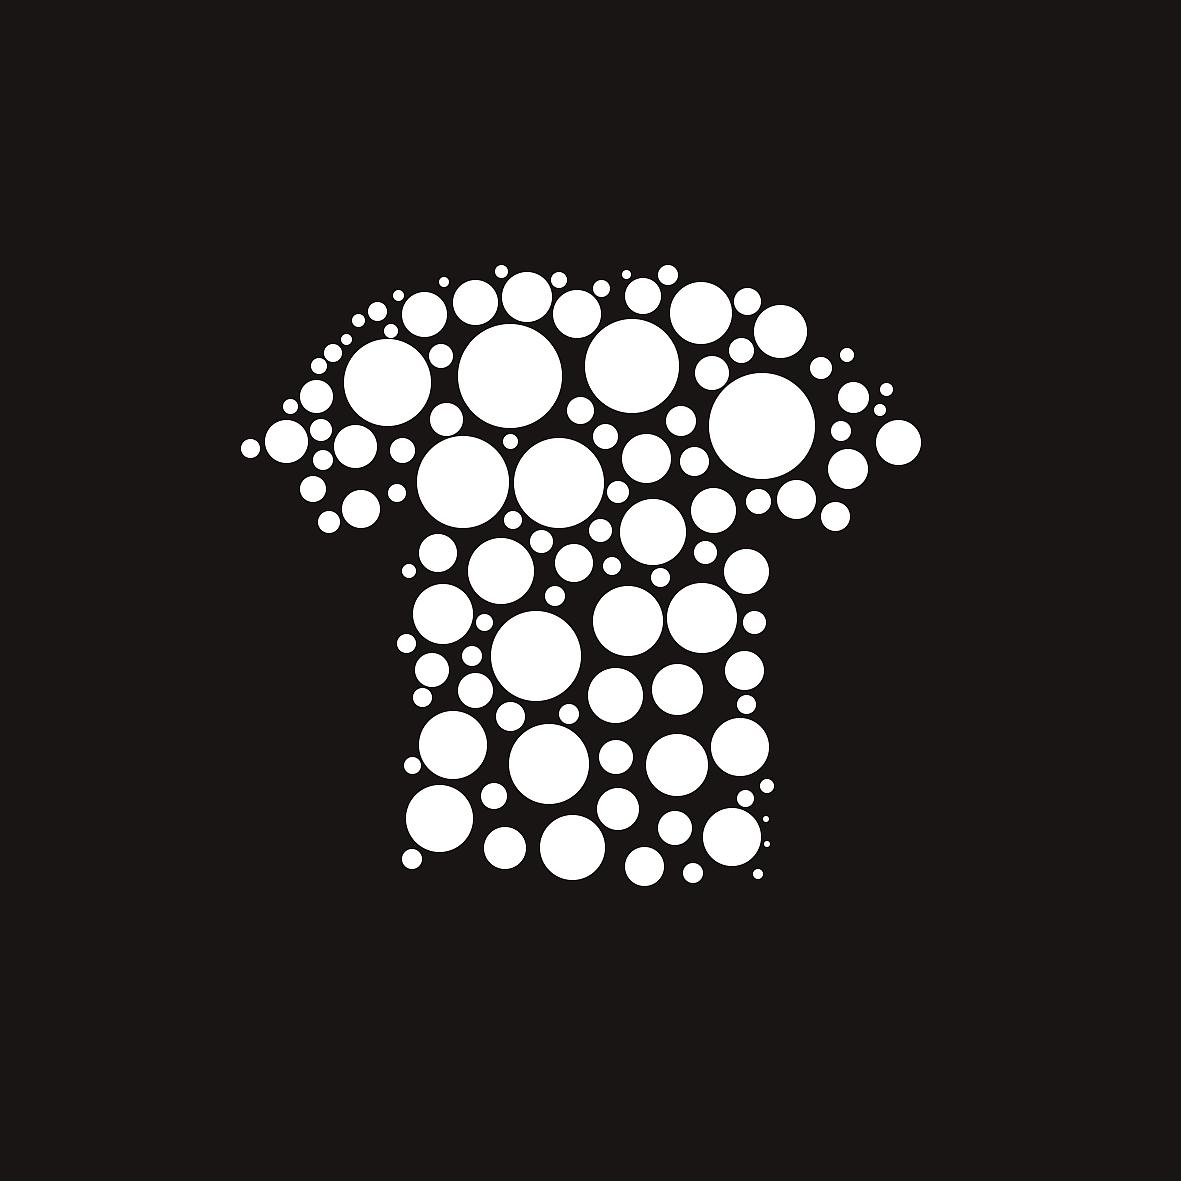 2014构成点线面图片点线面构成作业图片 点线面构成图片